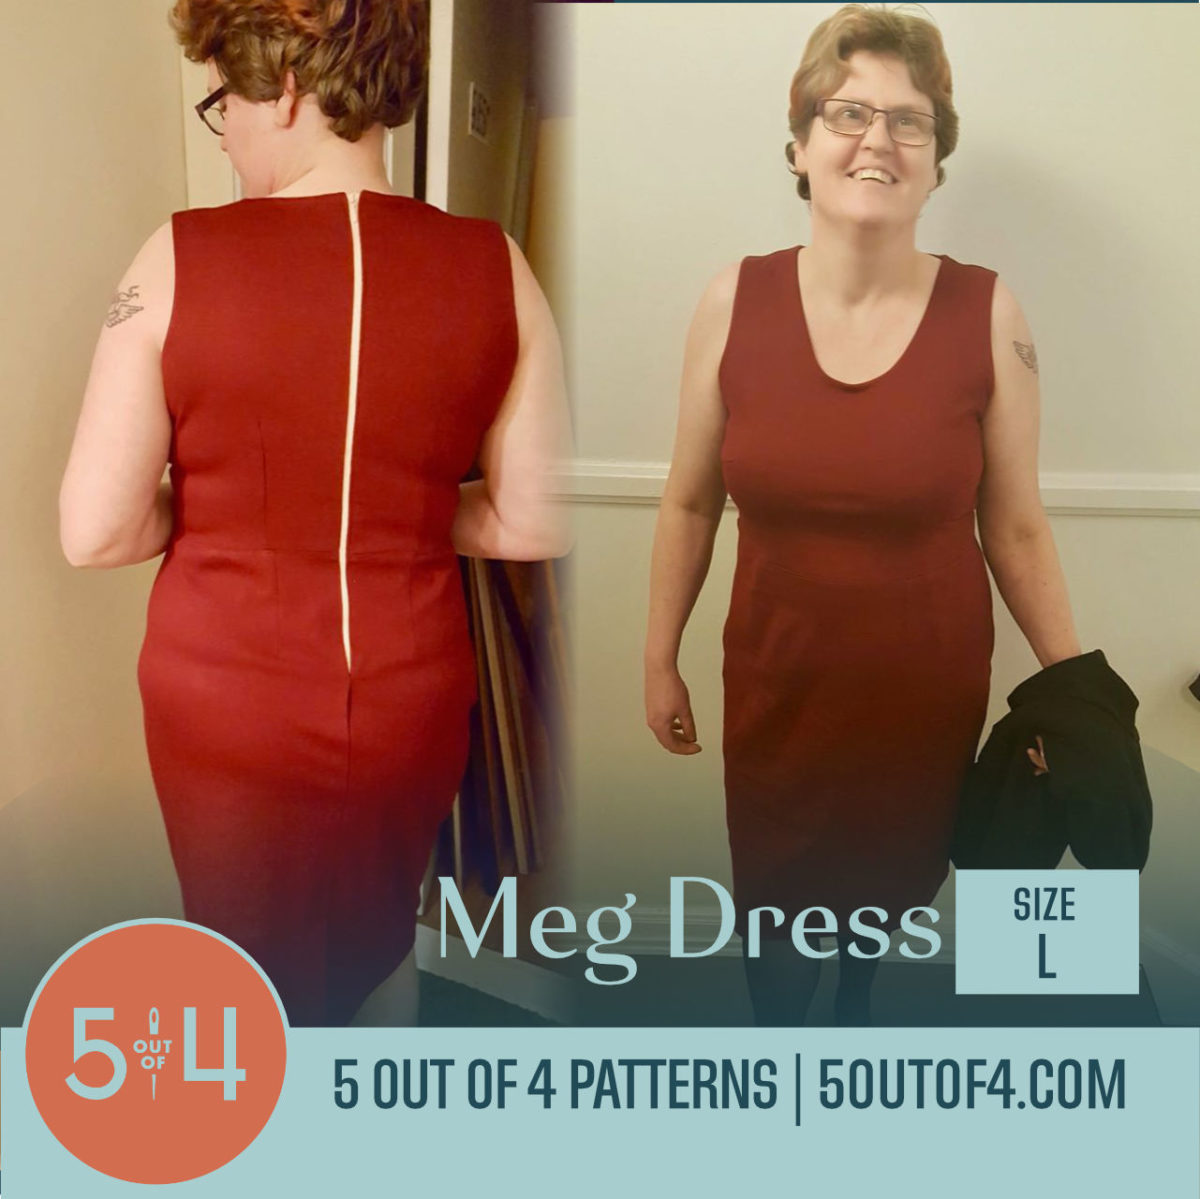 Meg Dress L